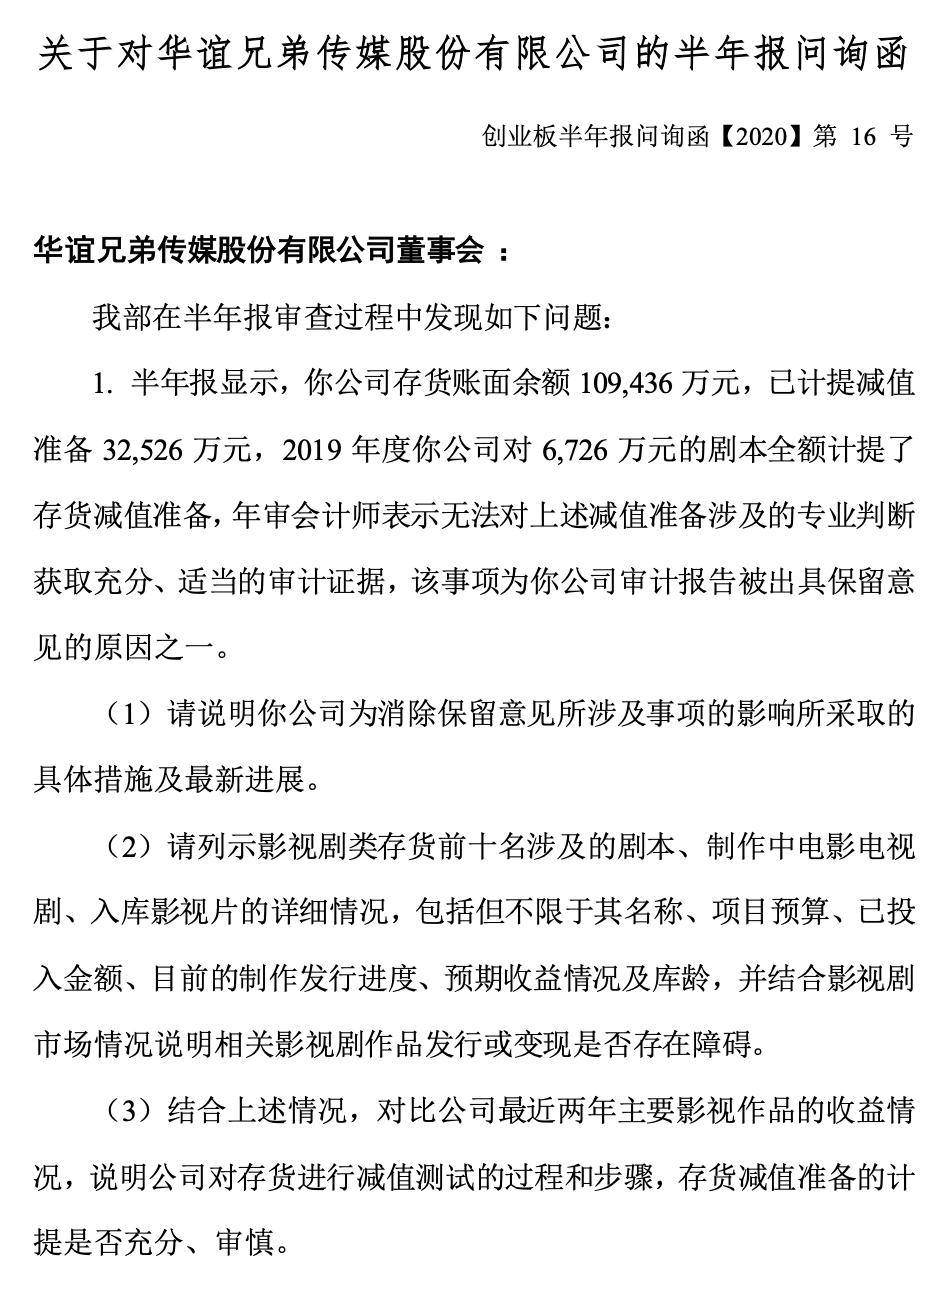 """华谊兄弟收半年报问询函,《八佰》能给公司""""续命""""多久?丨热公司"""